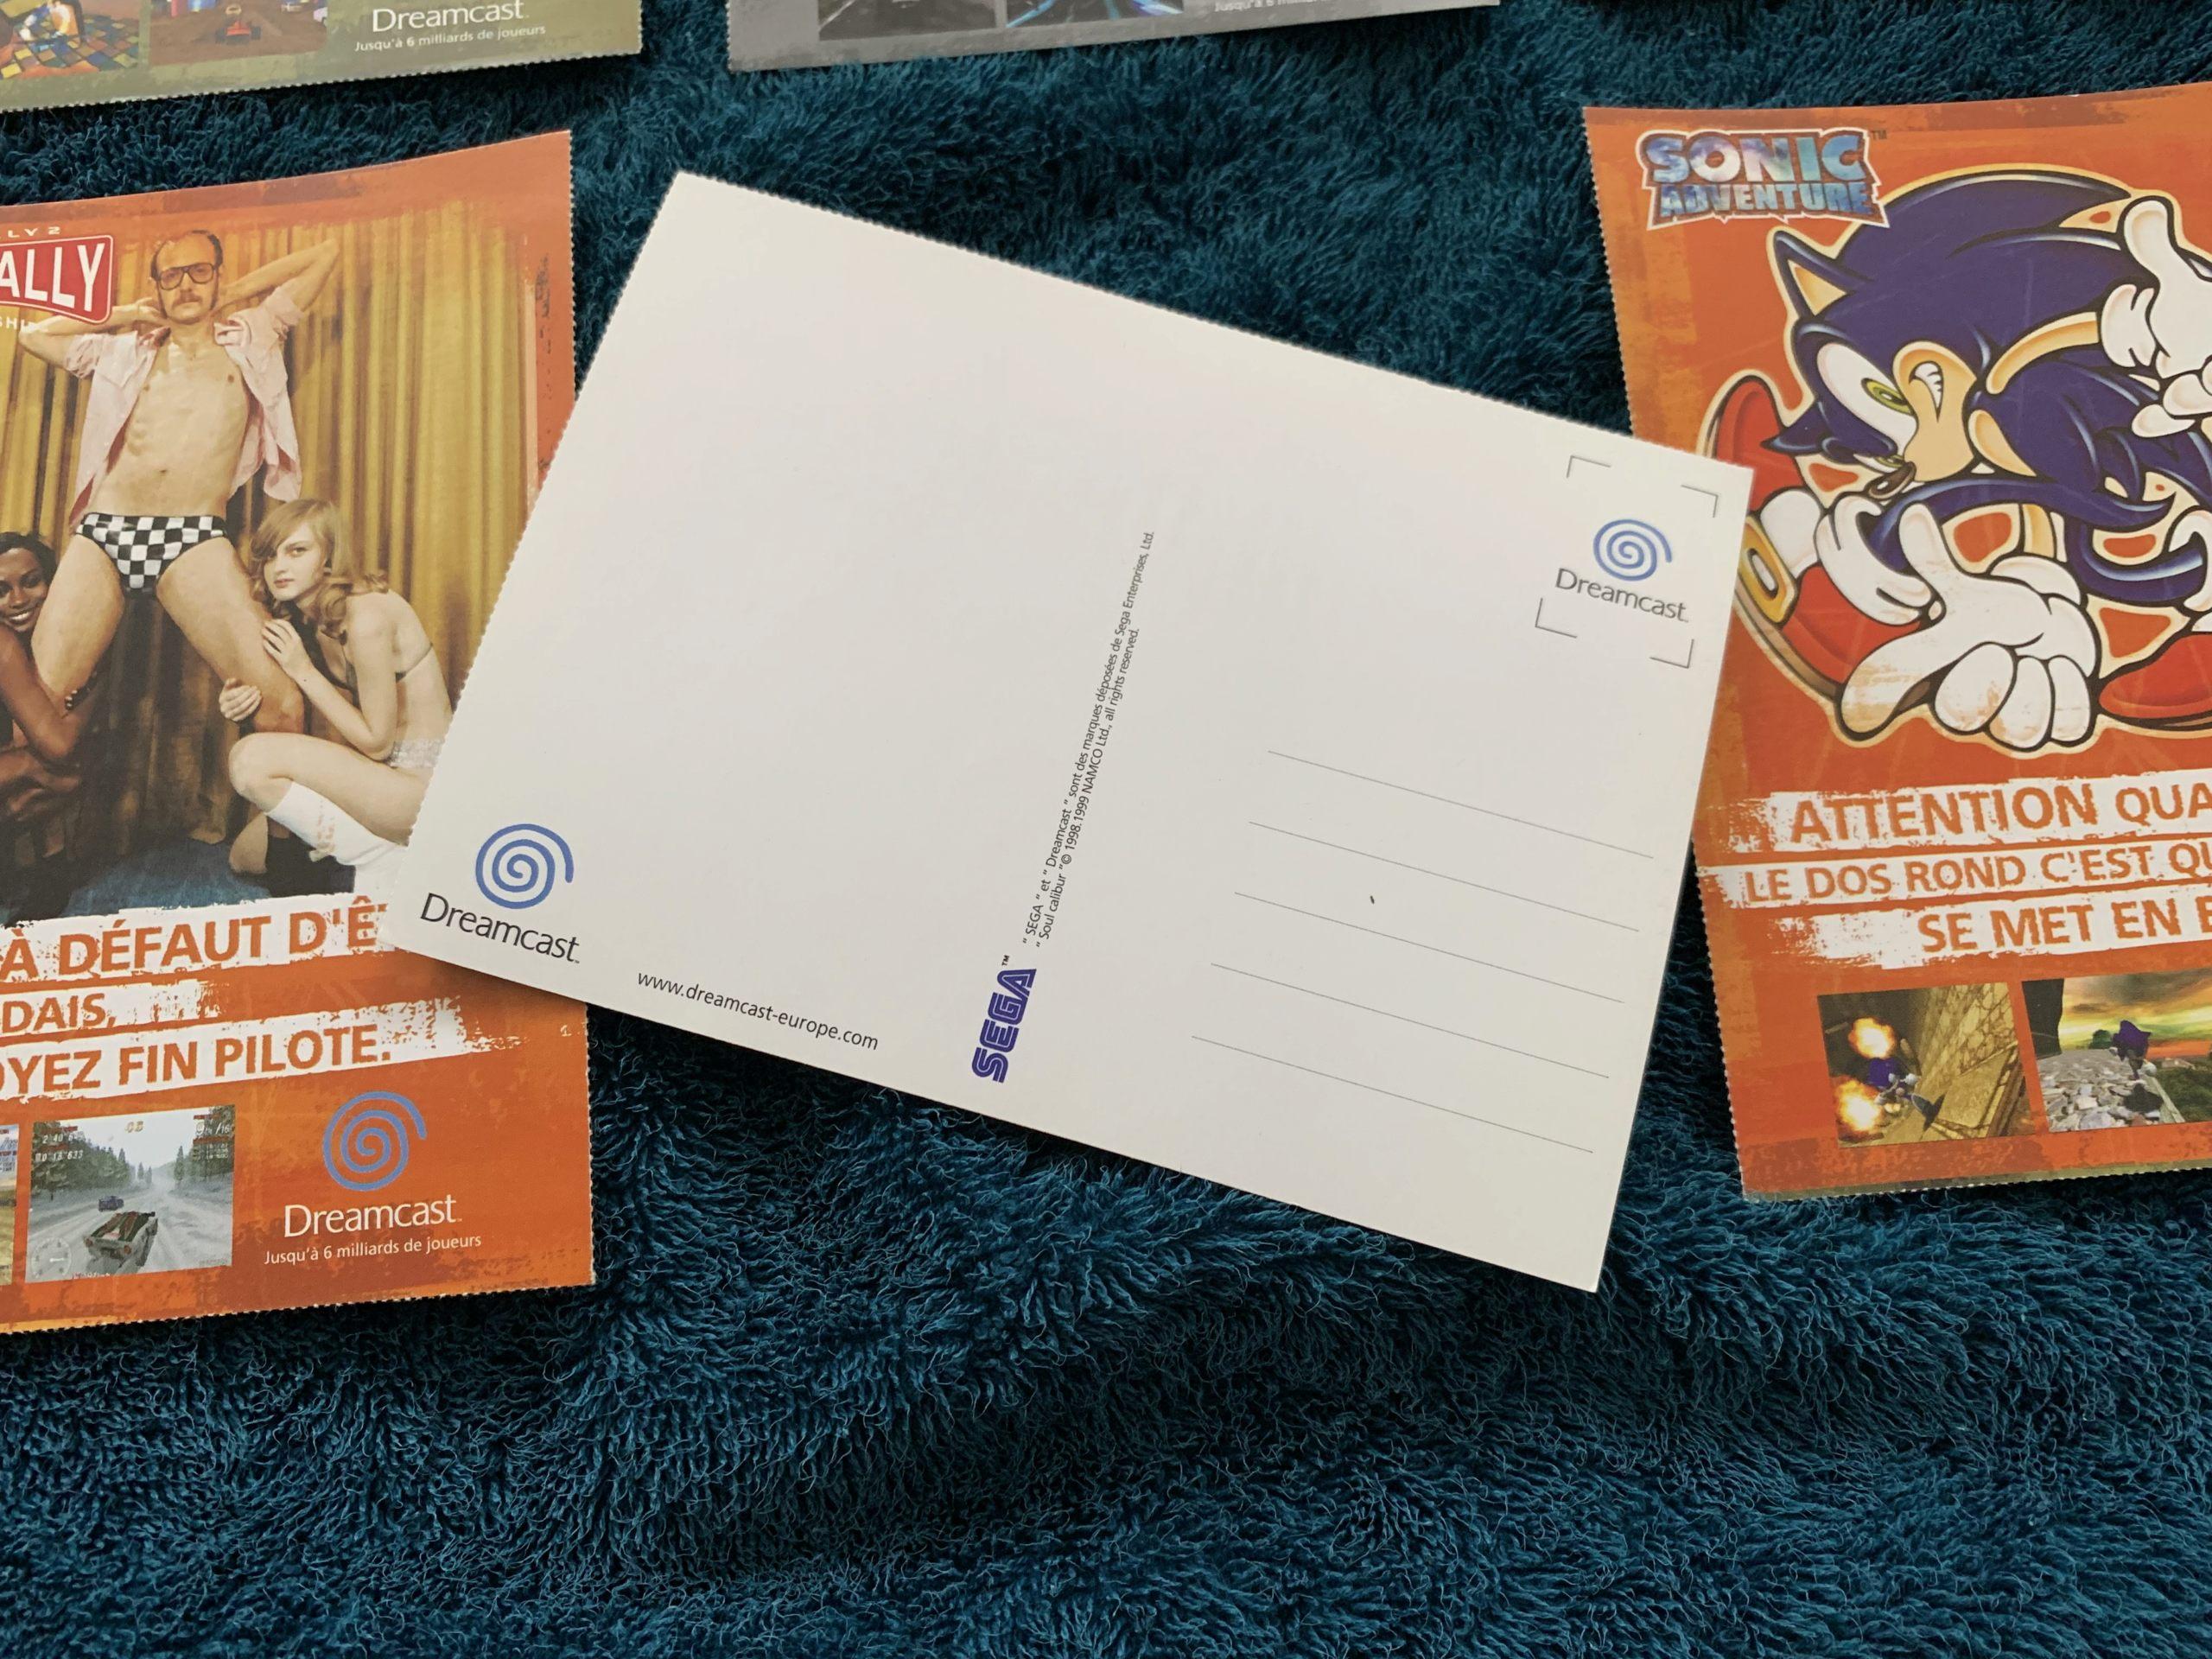 [VENDU] Fullset Jeux Dreamcast, Accessoires, Promo, Rigides... - 350 pièces - NEUF SOUS BLISTER 049_ca10